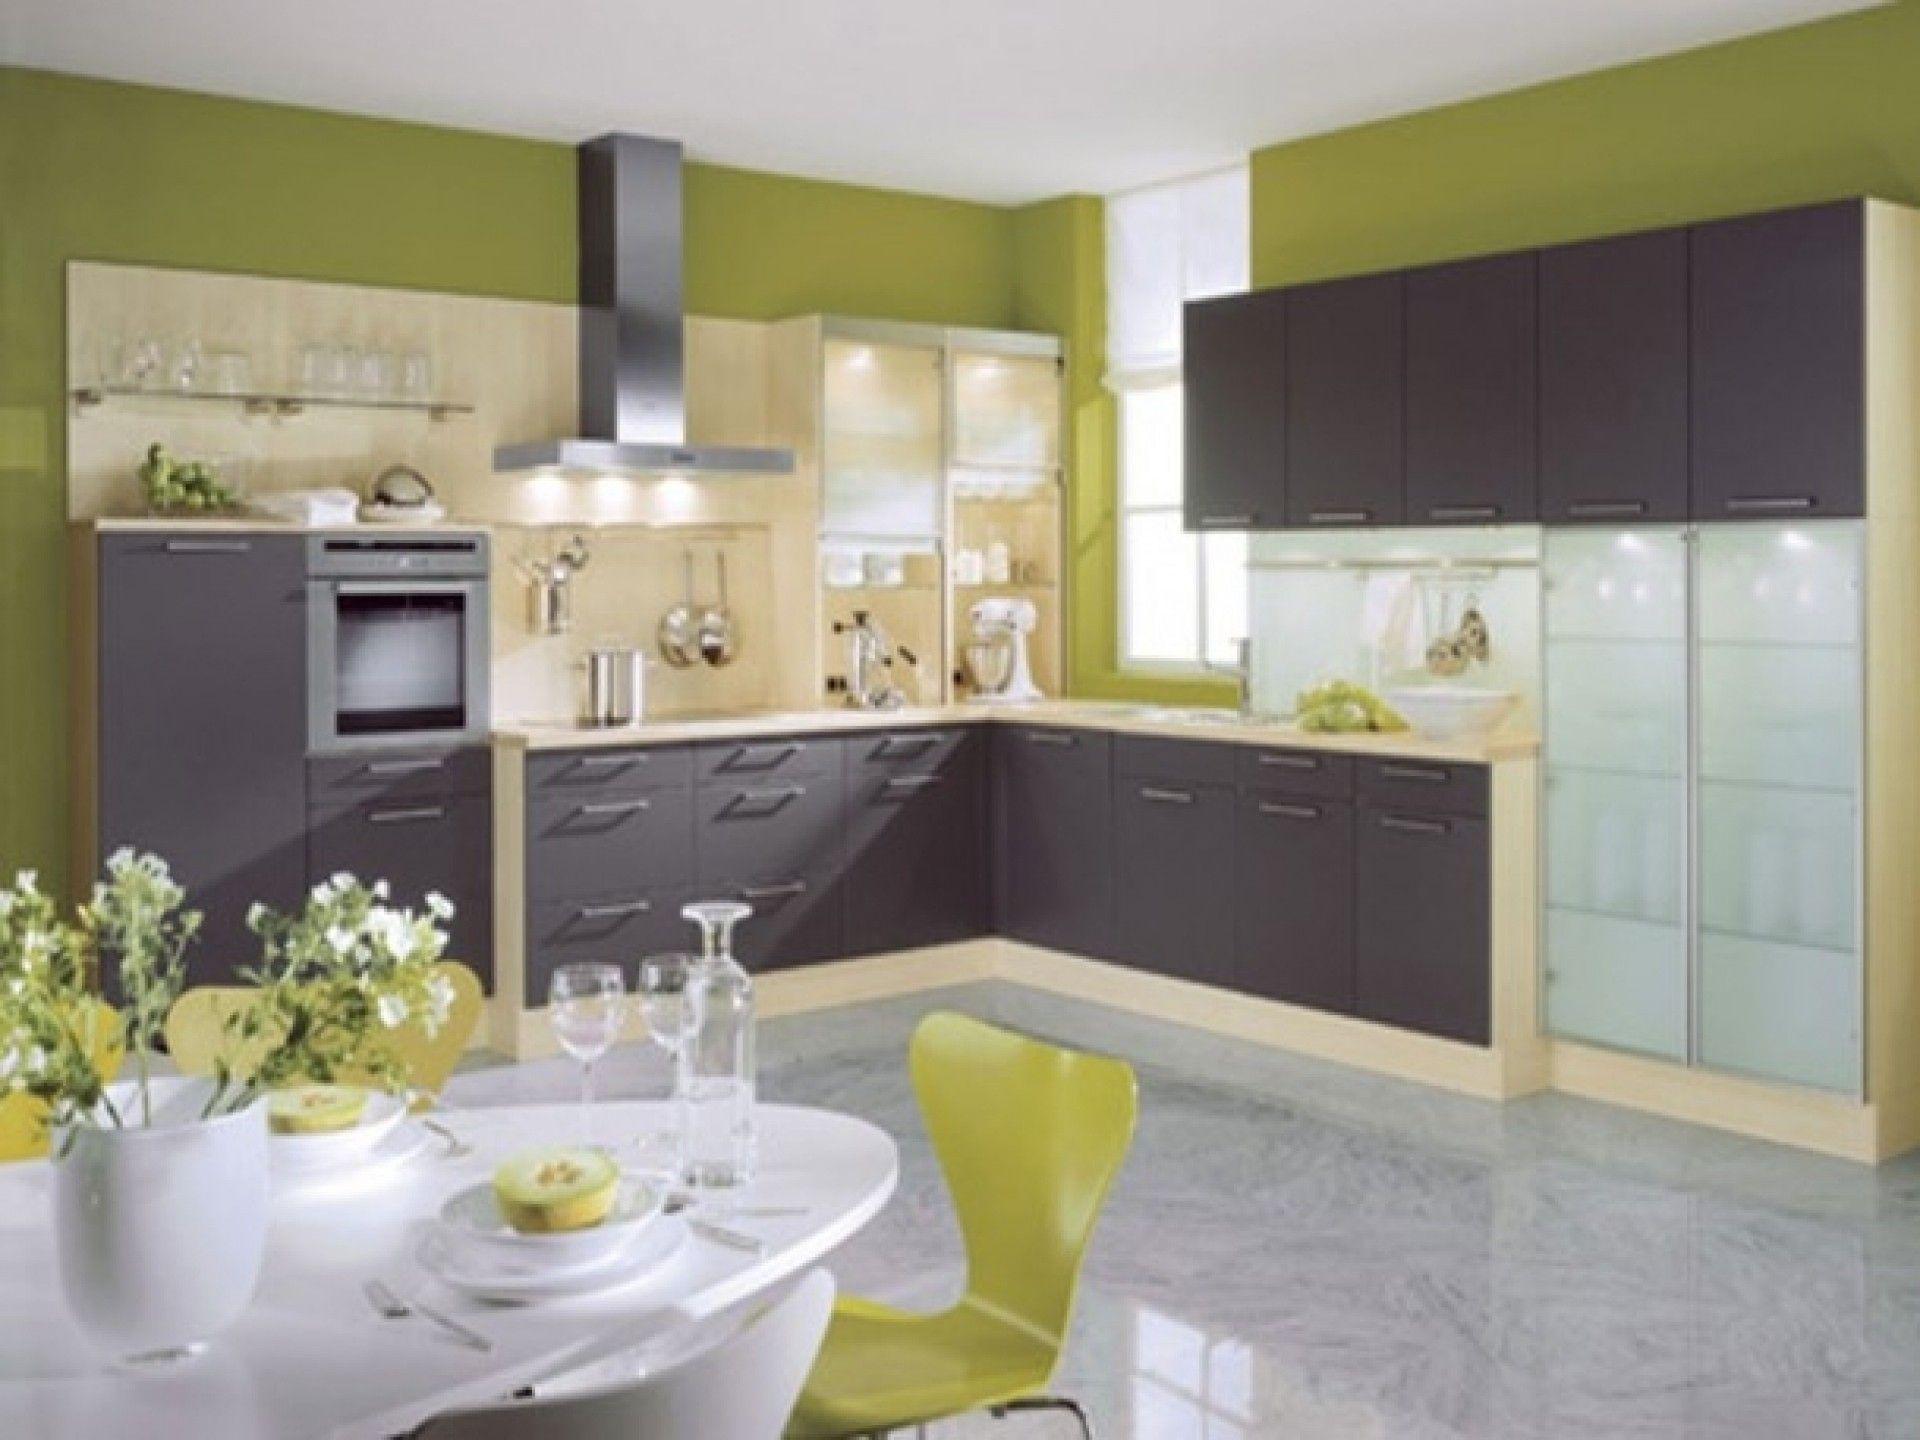 Grau Küche Farbe Am Besten Weiß Für Küchenschränke Beste